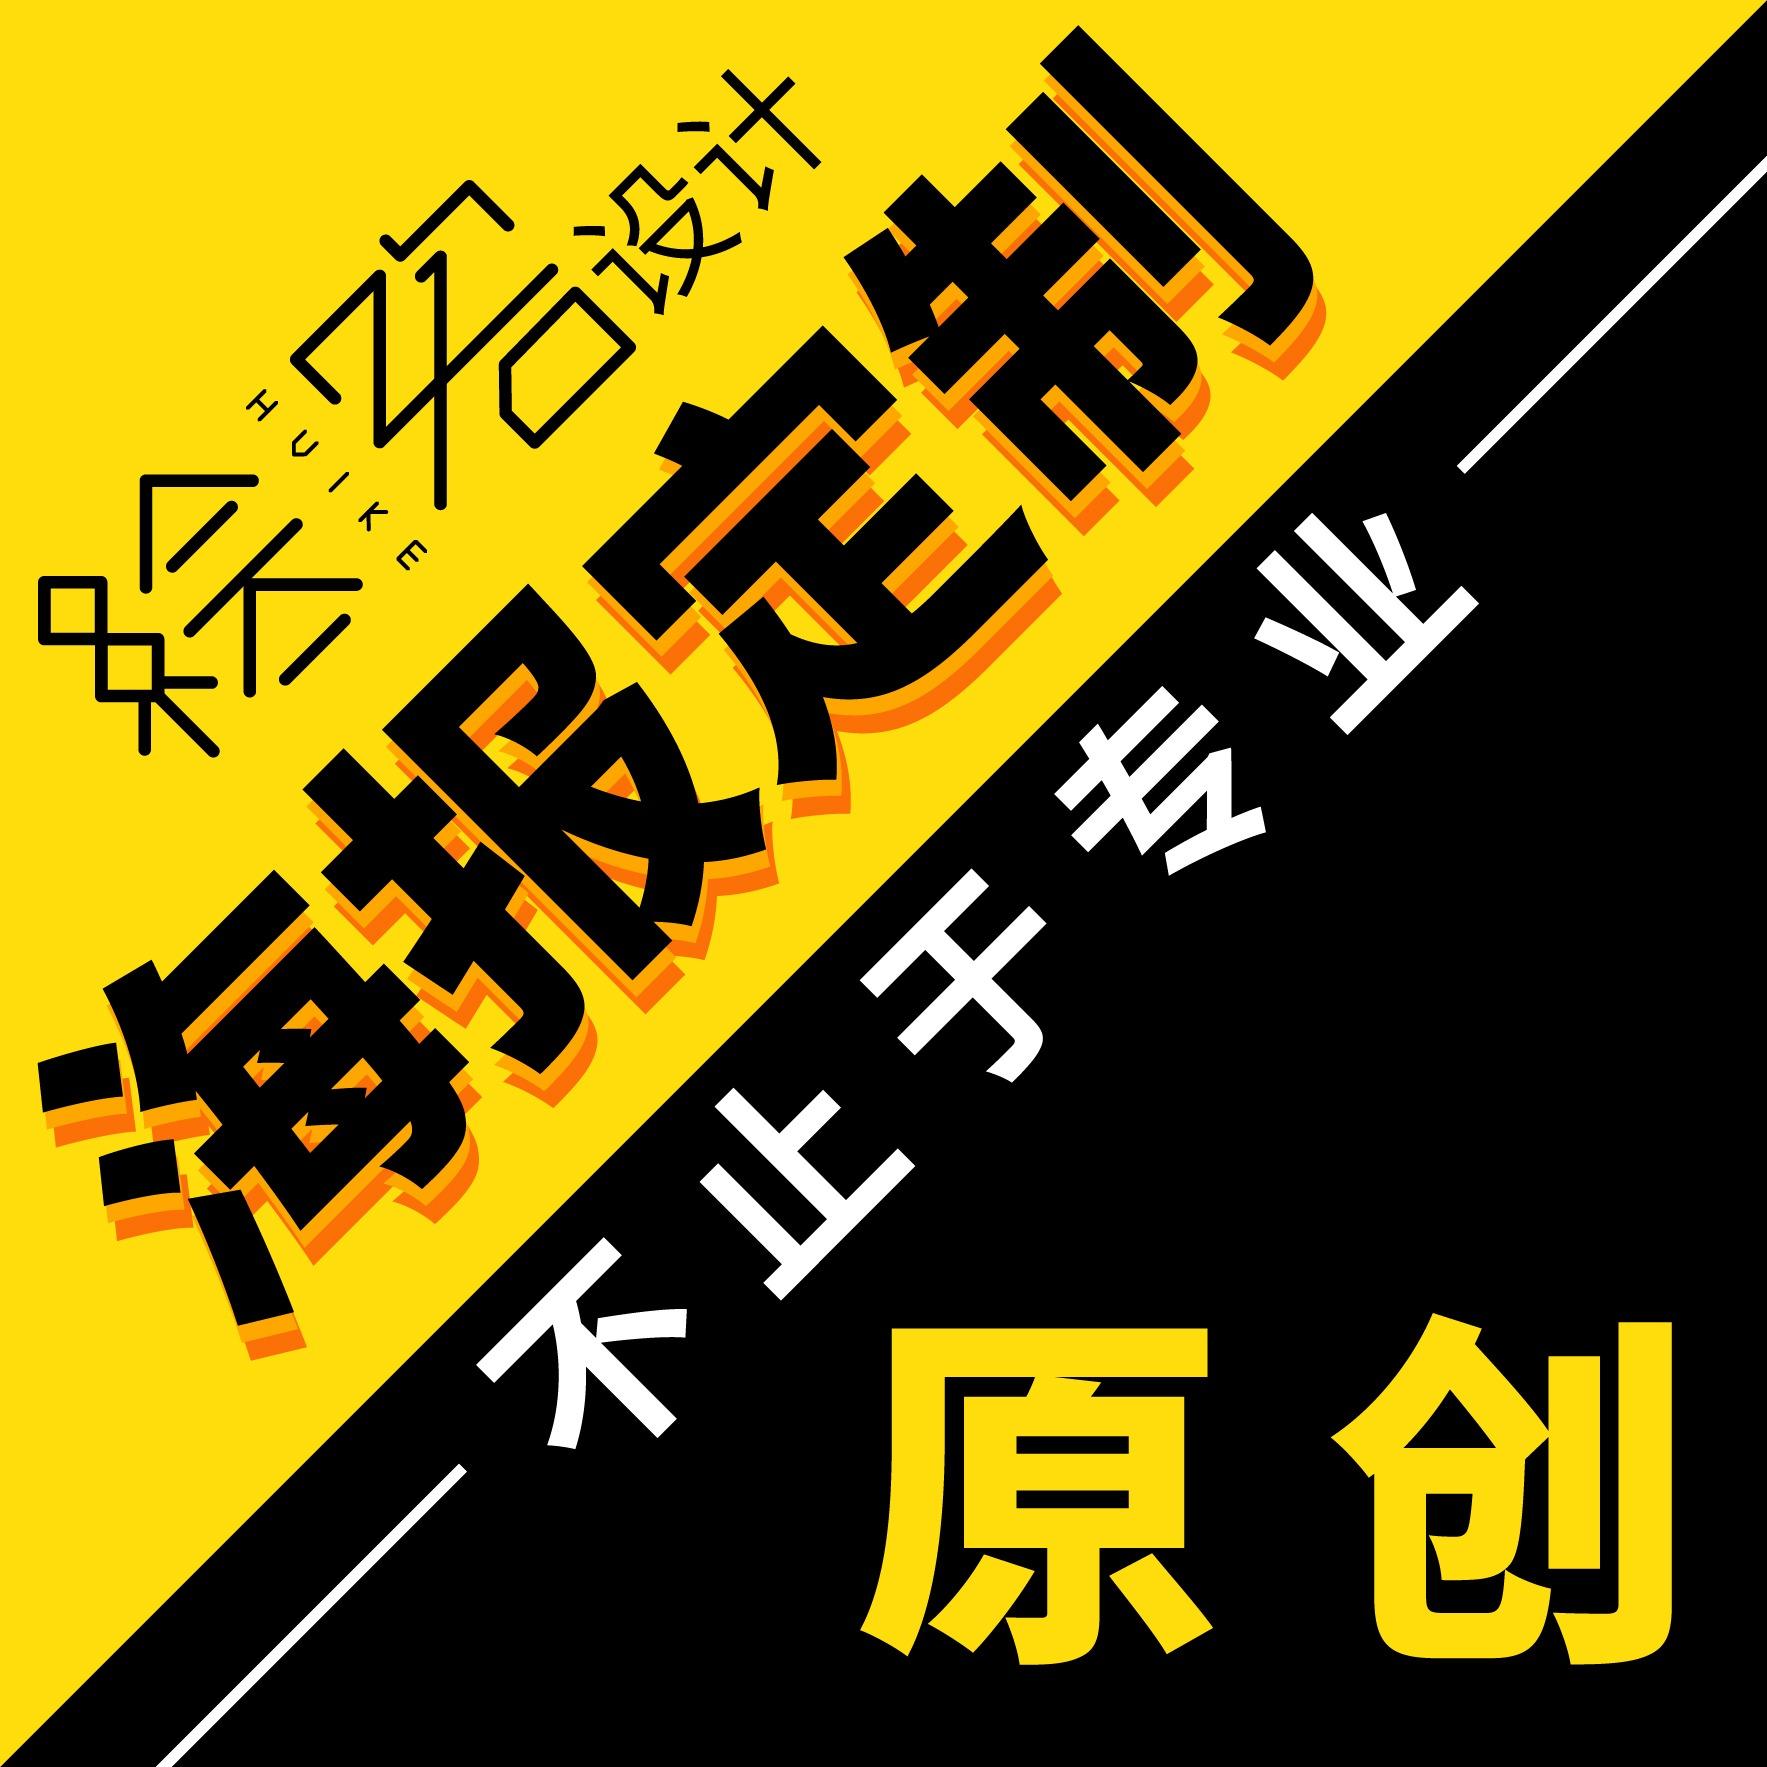 绘客 设计 形象宣传产品展示政府宣传业务演示宣传品易拉宝展架